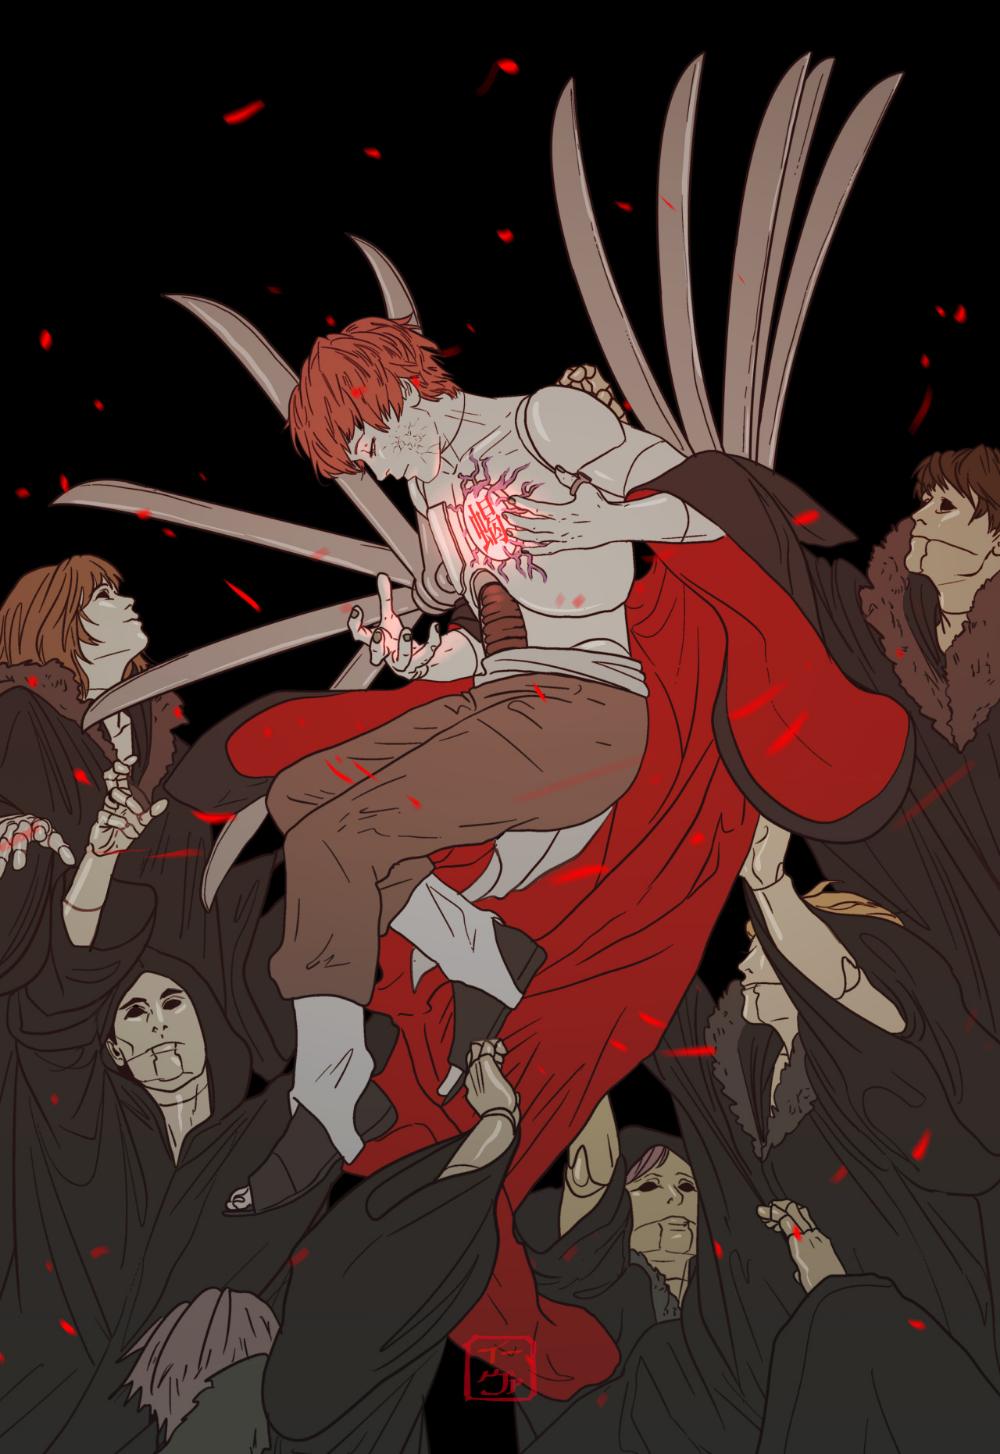 Naruto Eva Draws In 2020 Naruto Shippuden Anime Naruto Art Anime Naruto